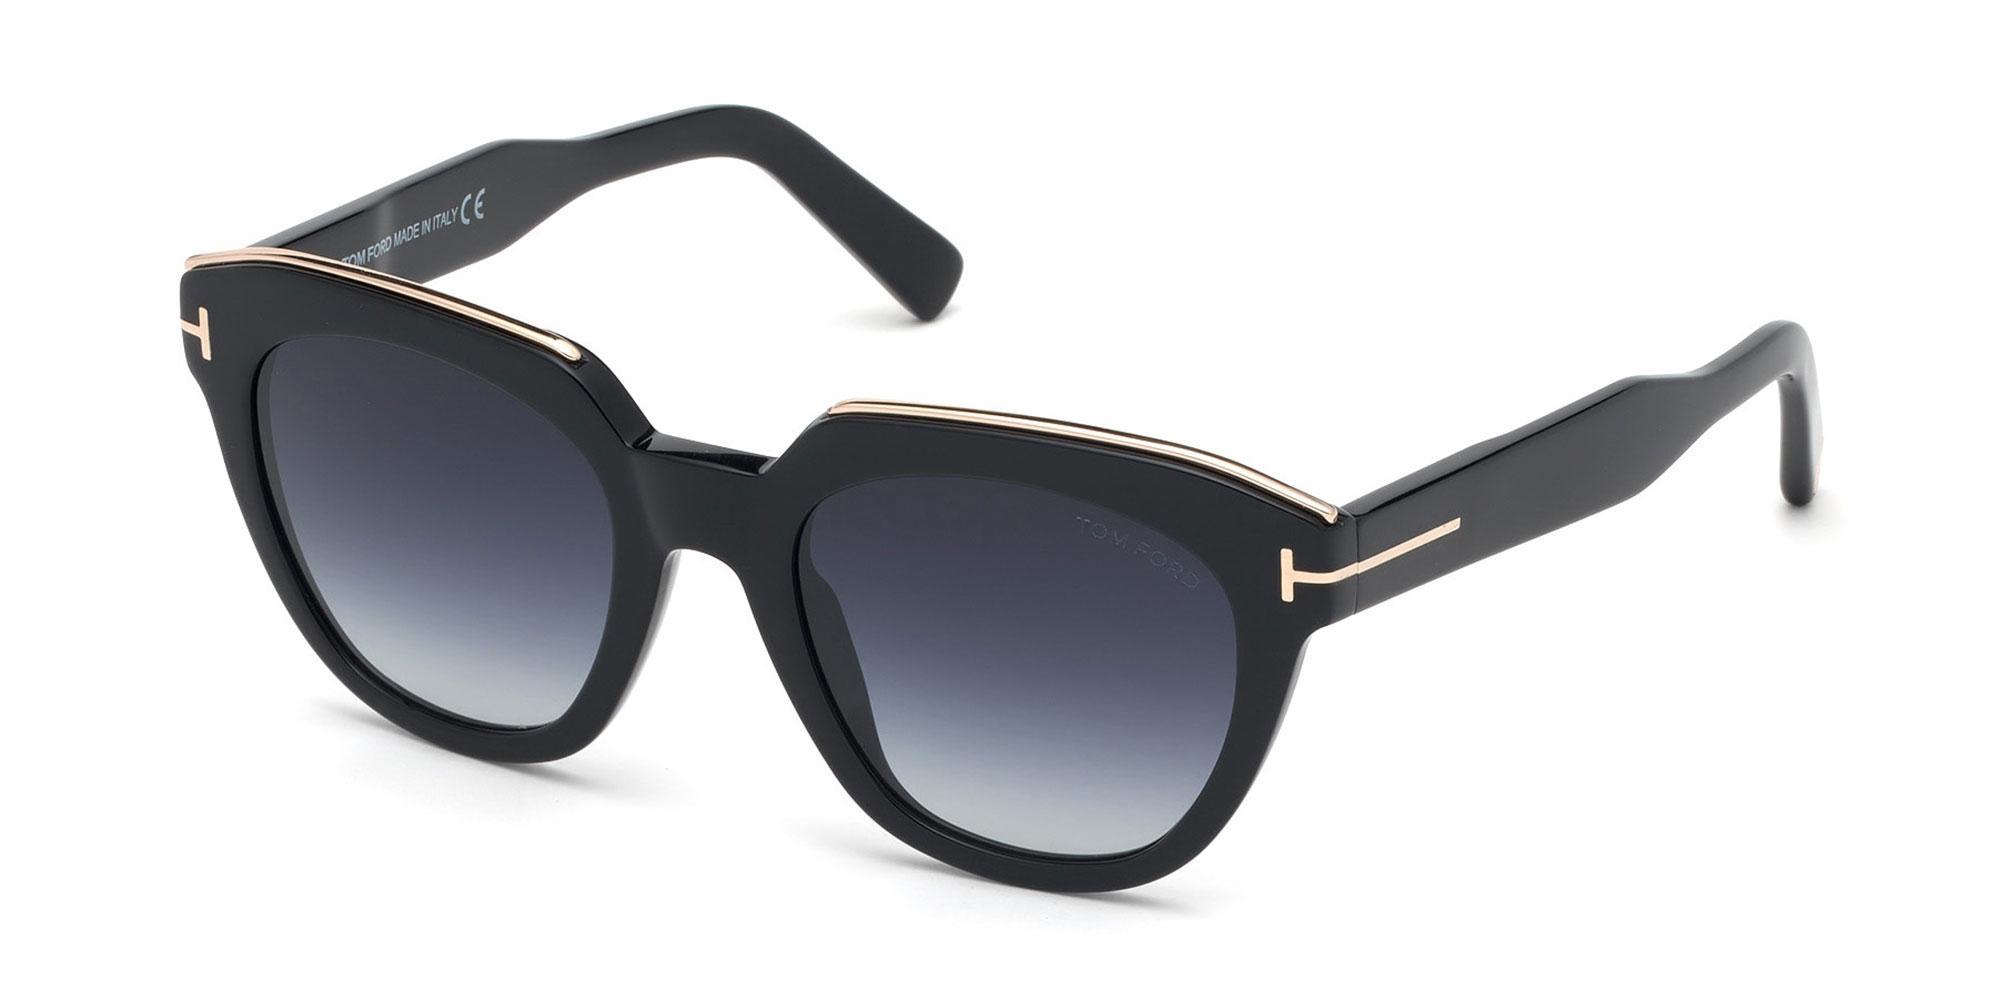 01W FT0686 Sunglasses, Tom Ford